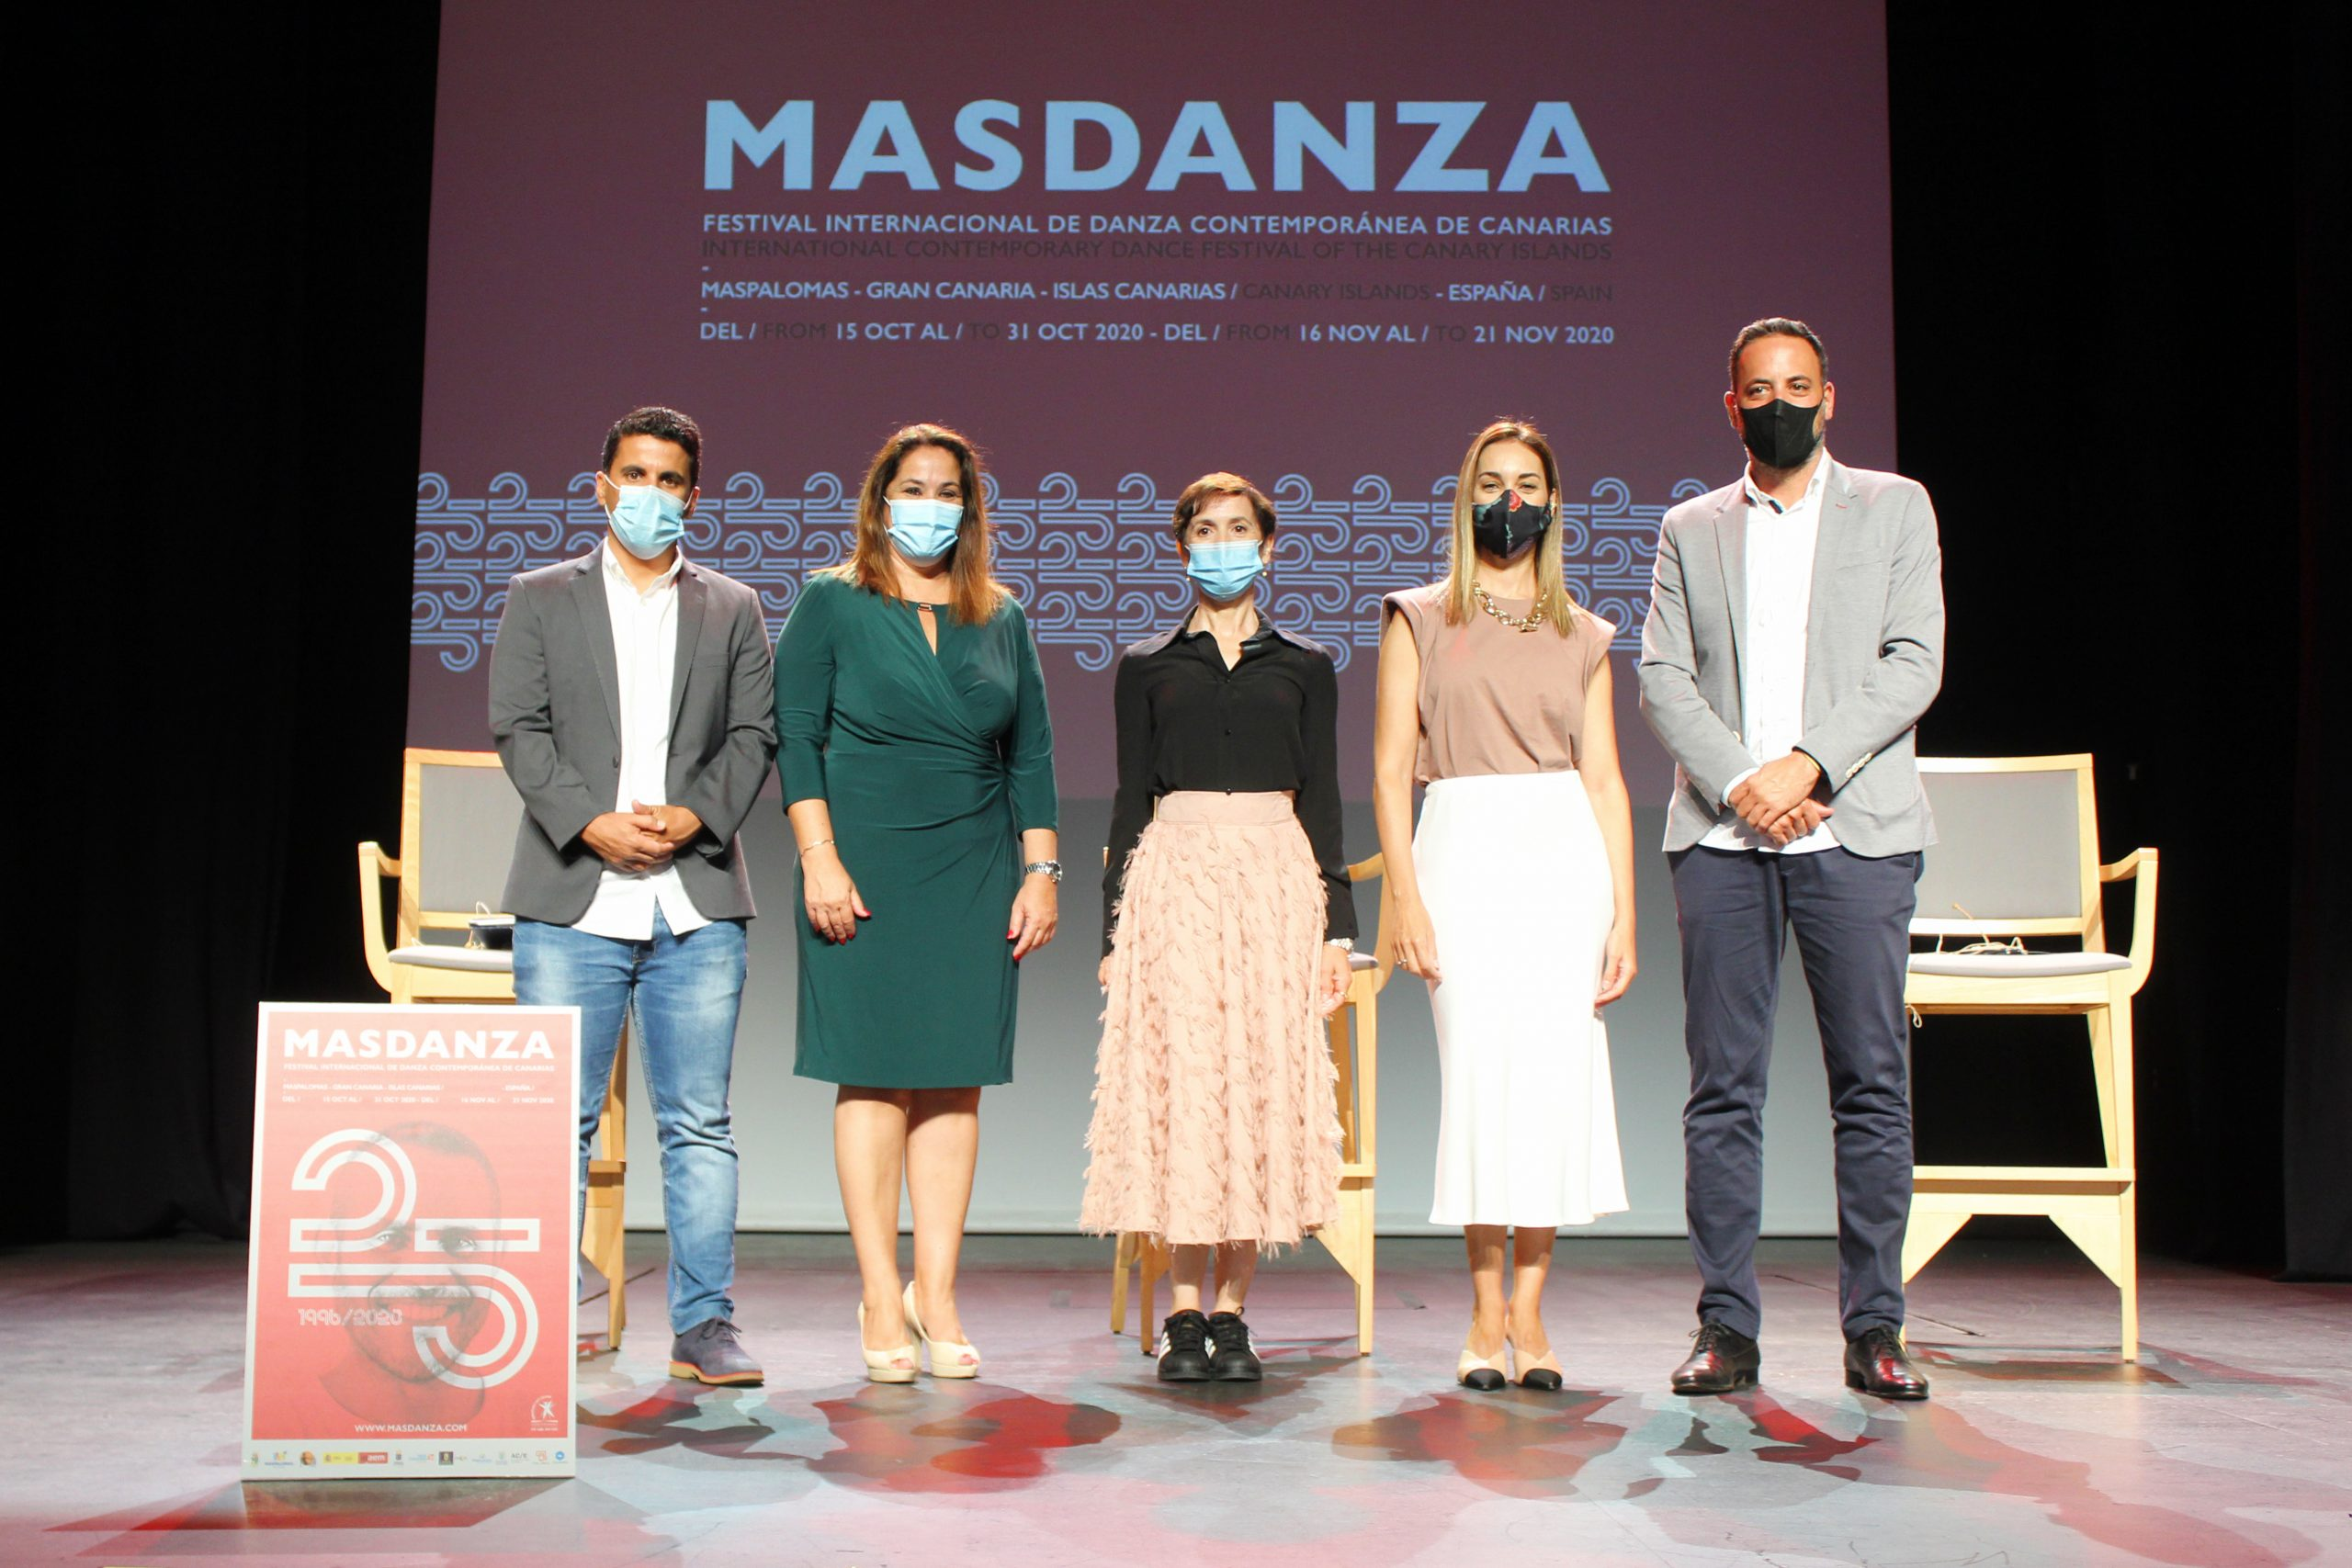 Comienza la 25ª edición de MASDANZA, un Festival especial que pondrá el foco en el espectador